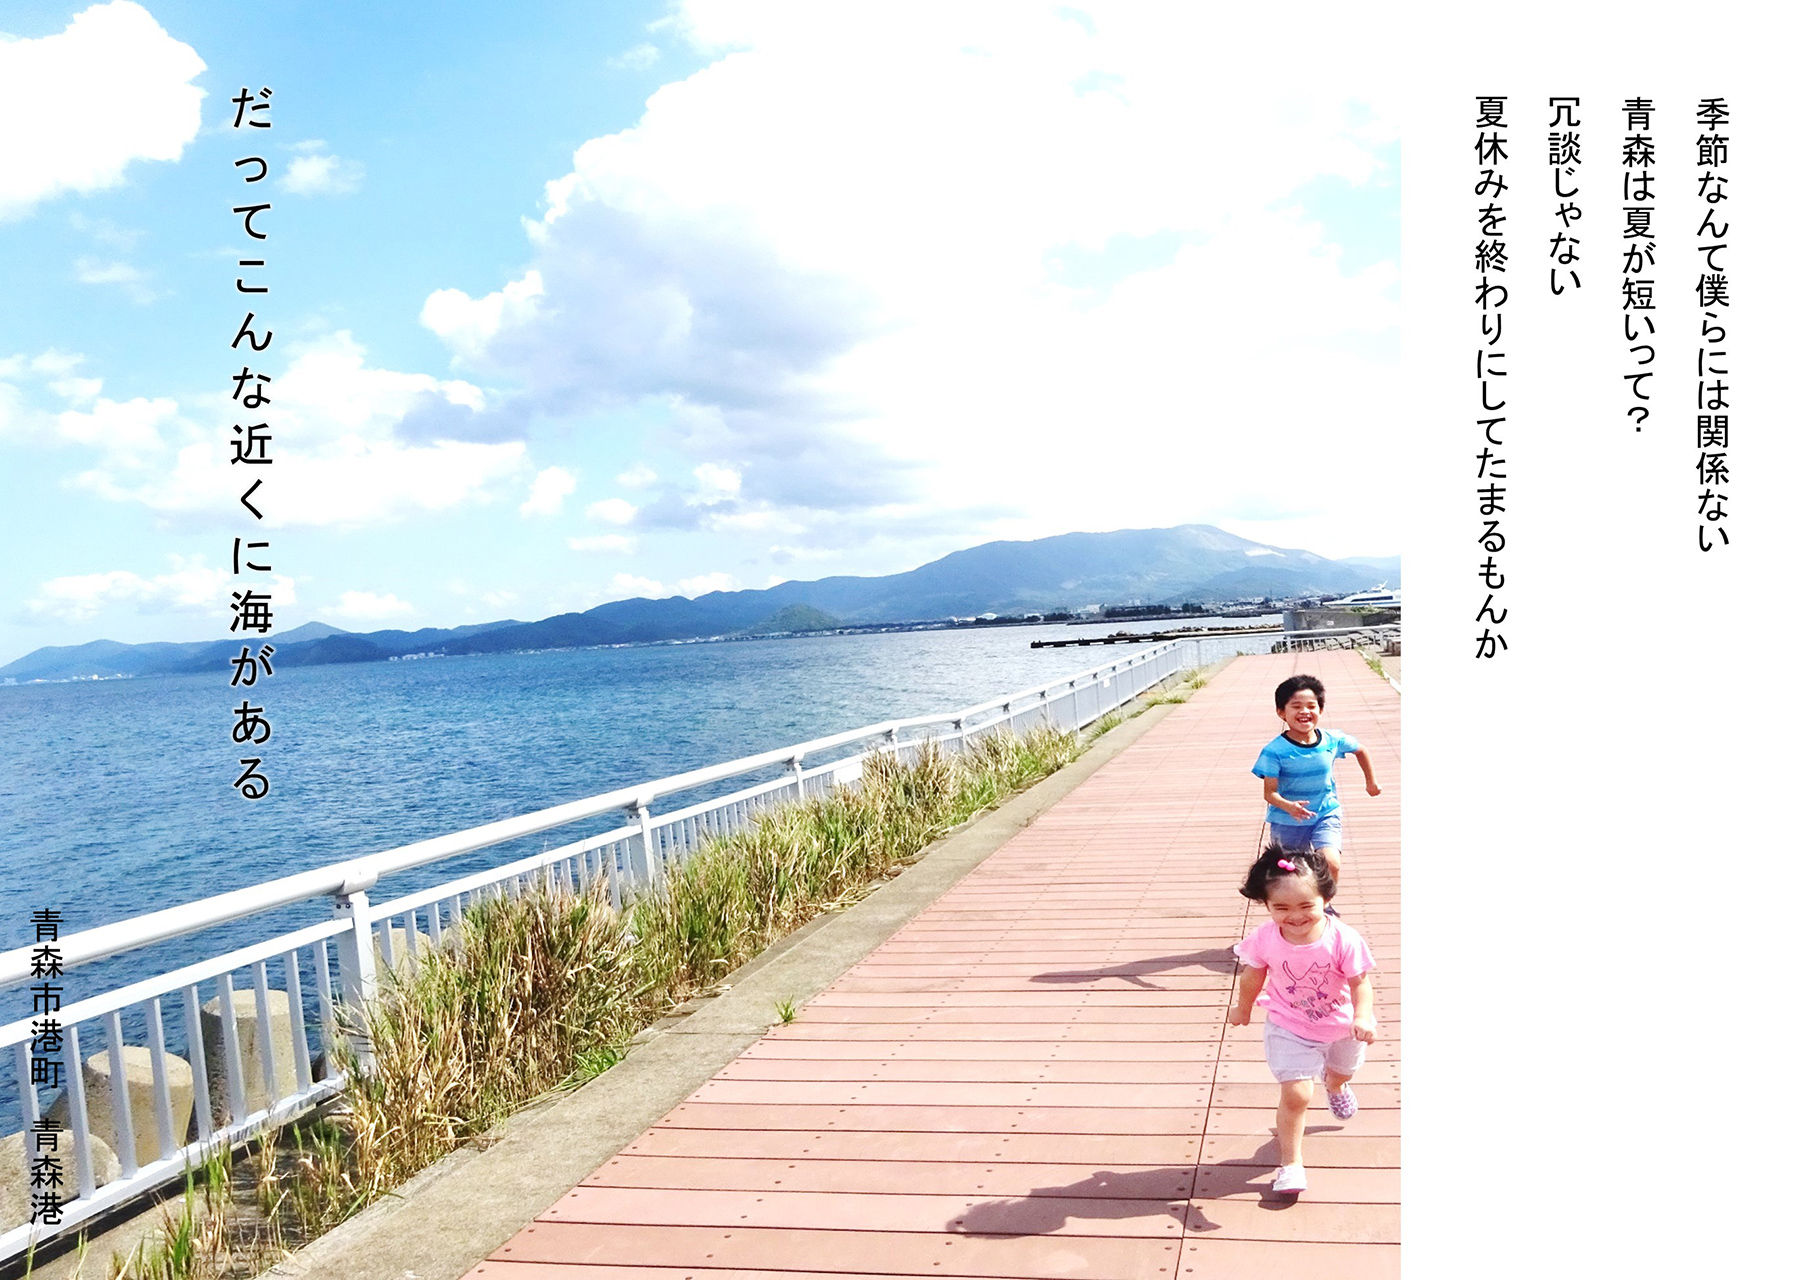 「だってこんな近くに海がある」宮本 尚子さん